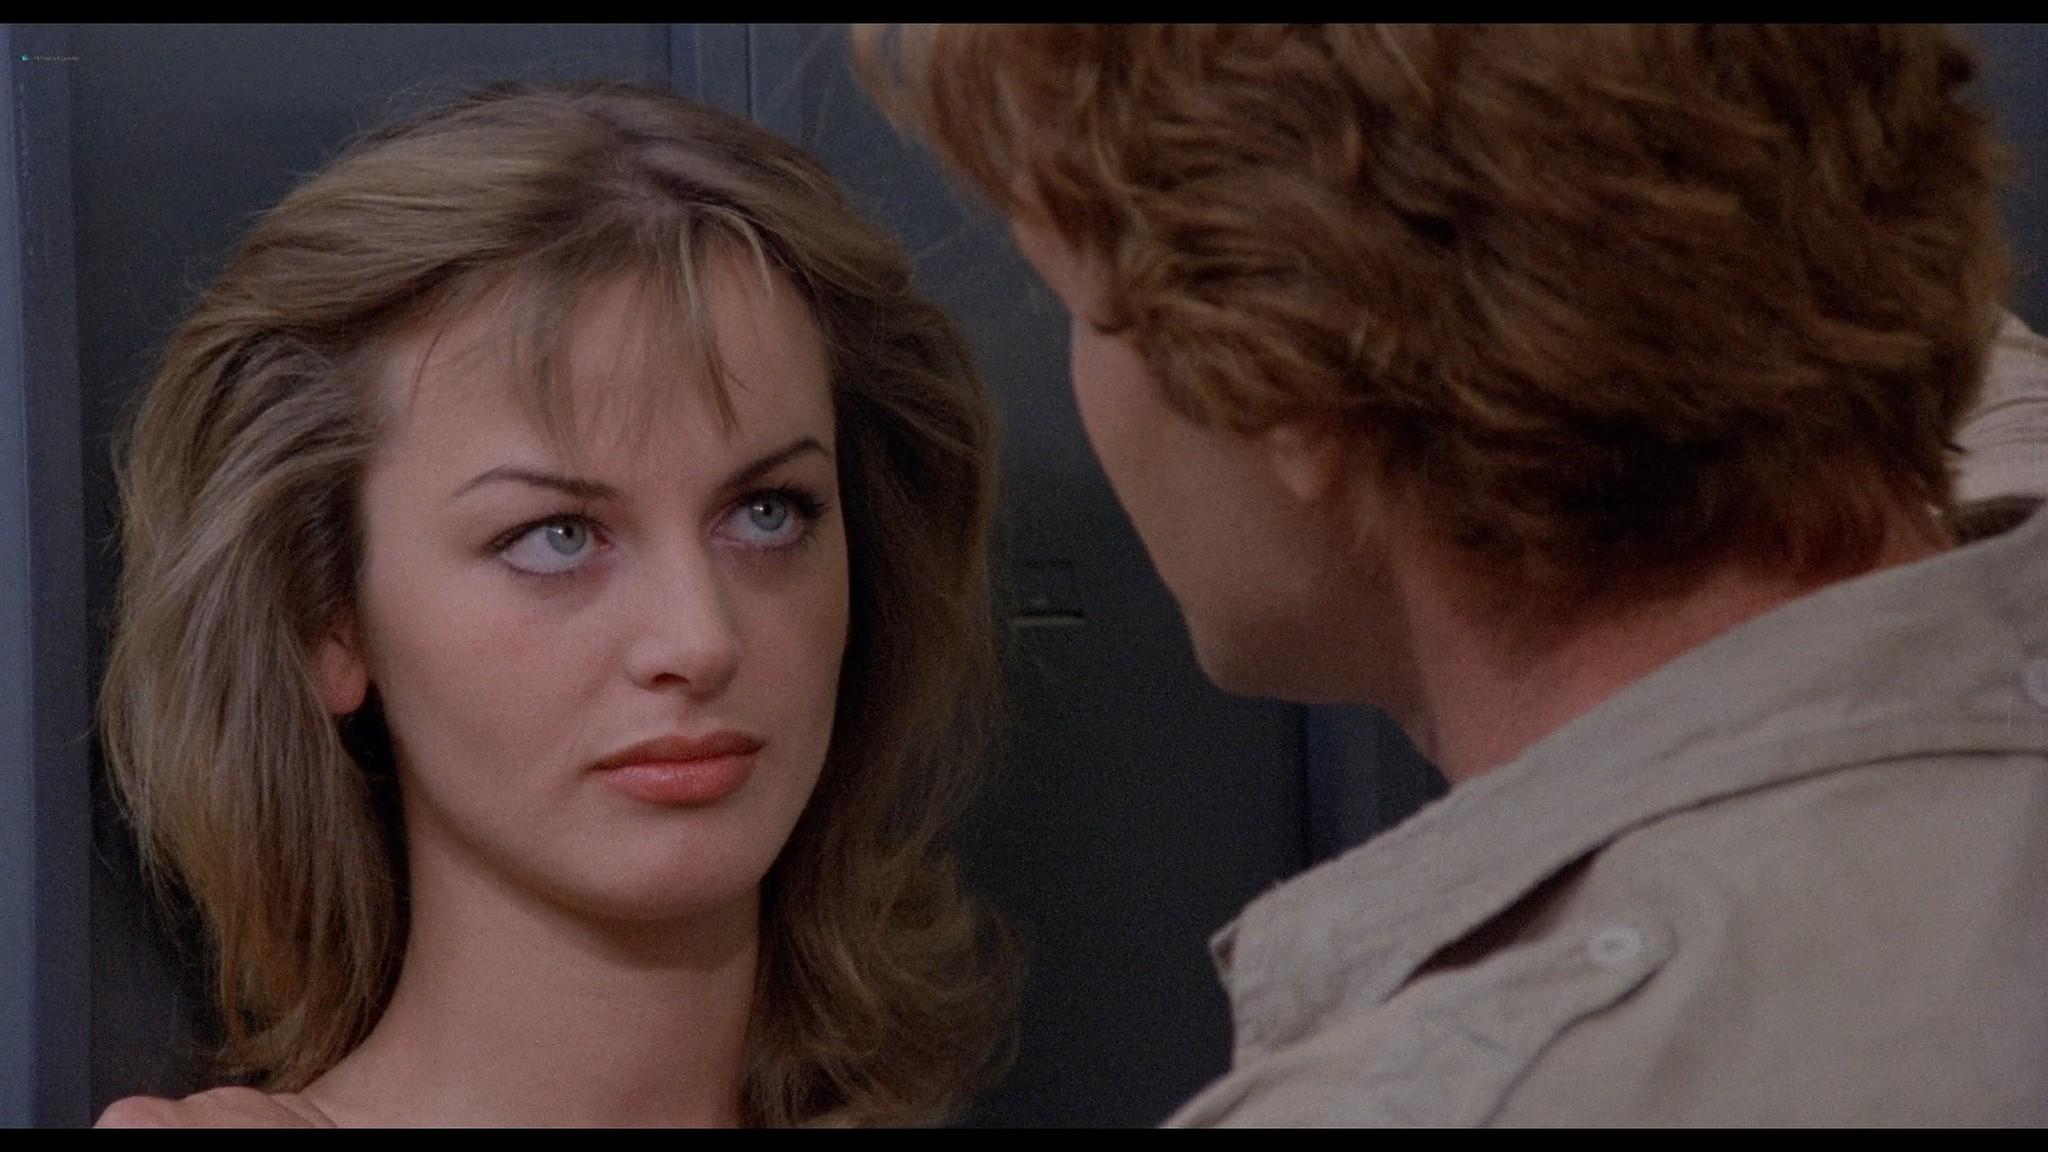 Dalila Di Lazzaro nude full frontal Vanessa Vitale nude – La ragazza dal pigiama giallo IT 1977 1080p BluRay REMUX 5